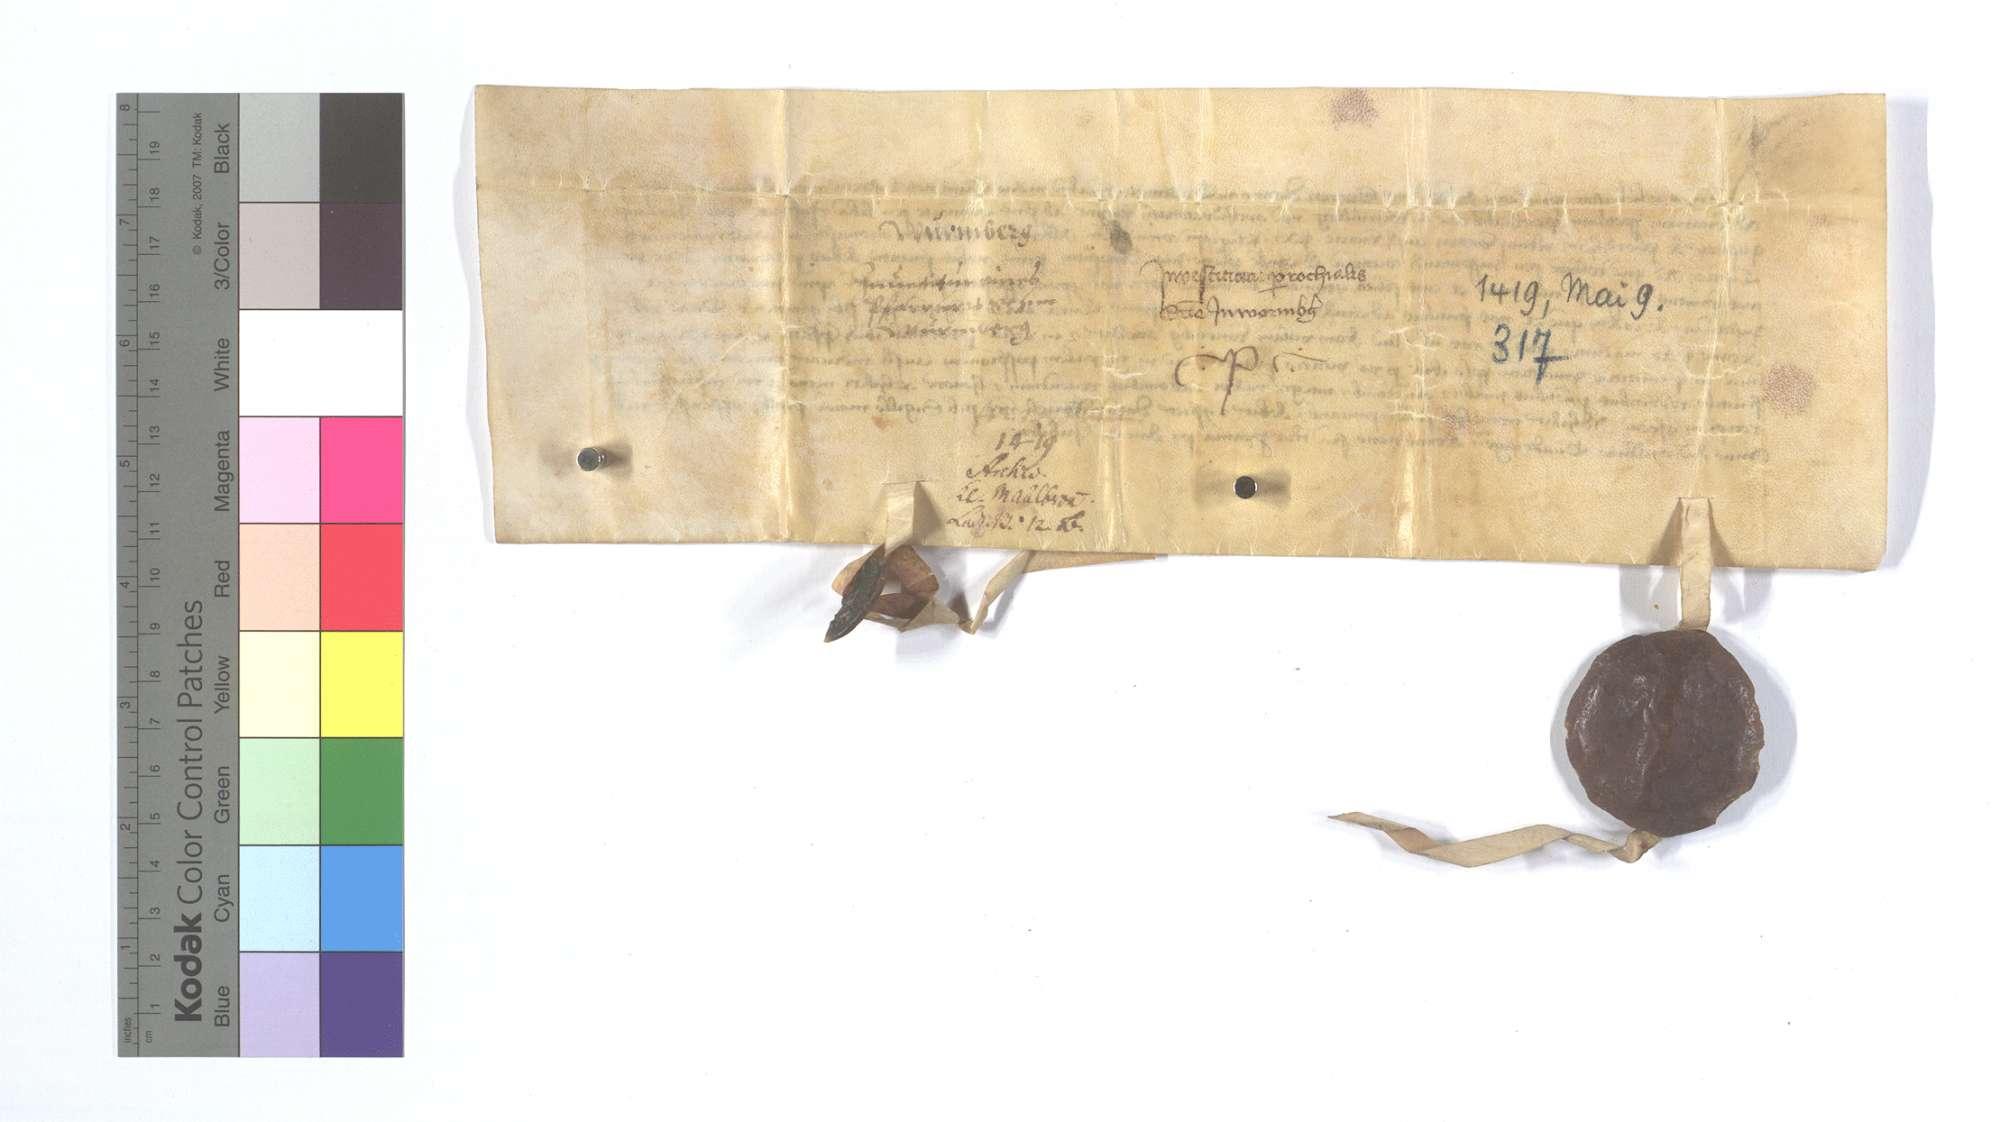 Mandat des Propstes von St. Guido in Speyer an den Dekan in Bretzingen (Brezingen), den Priester der Pfarrkirche in Wurmberg zu investieren., Rückseite